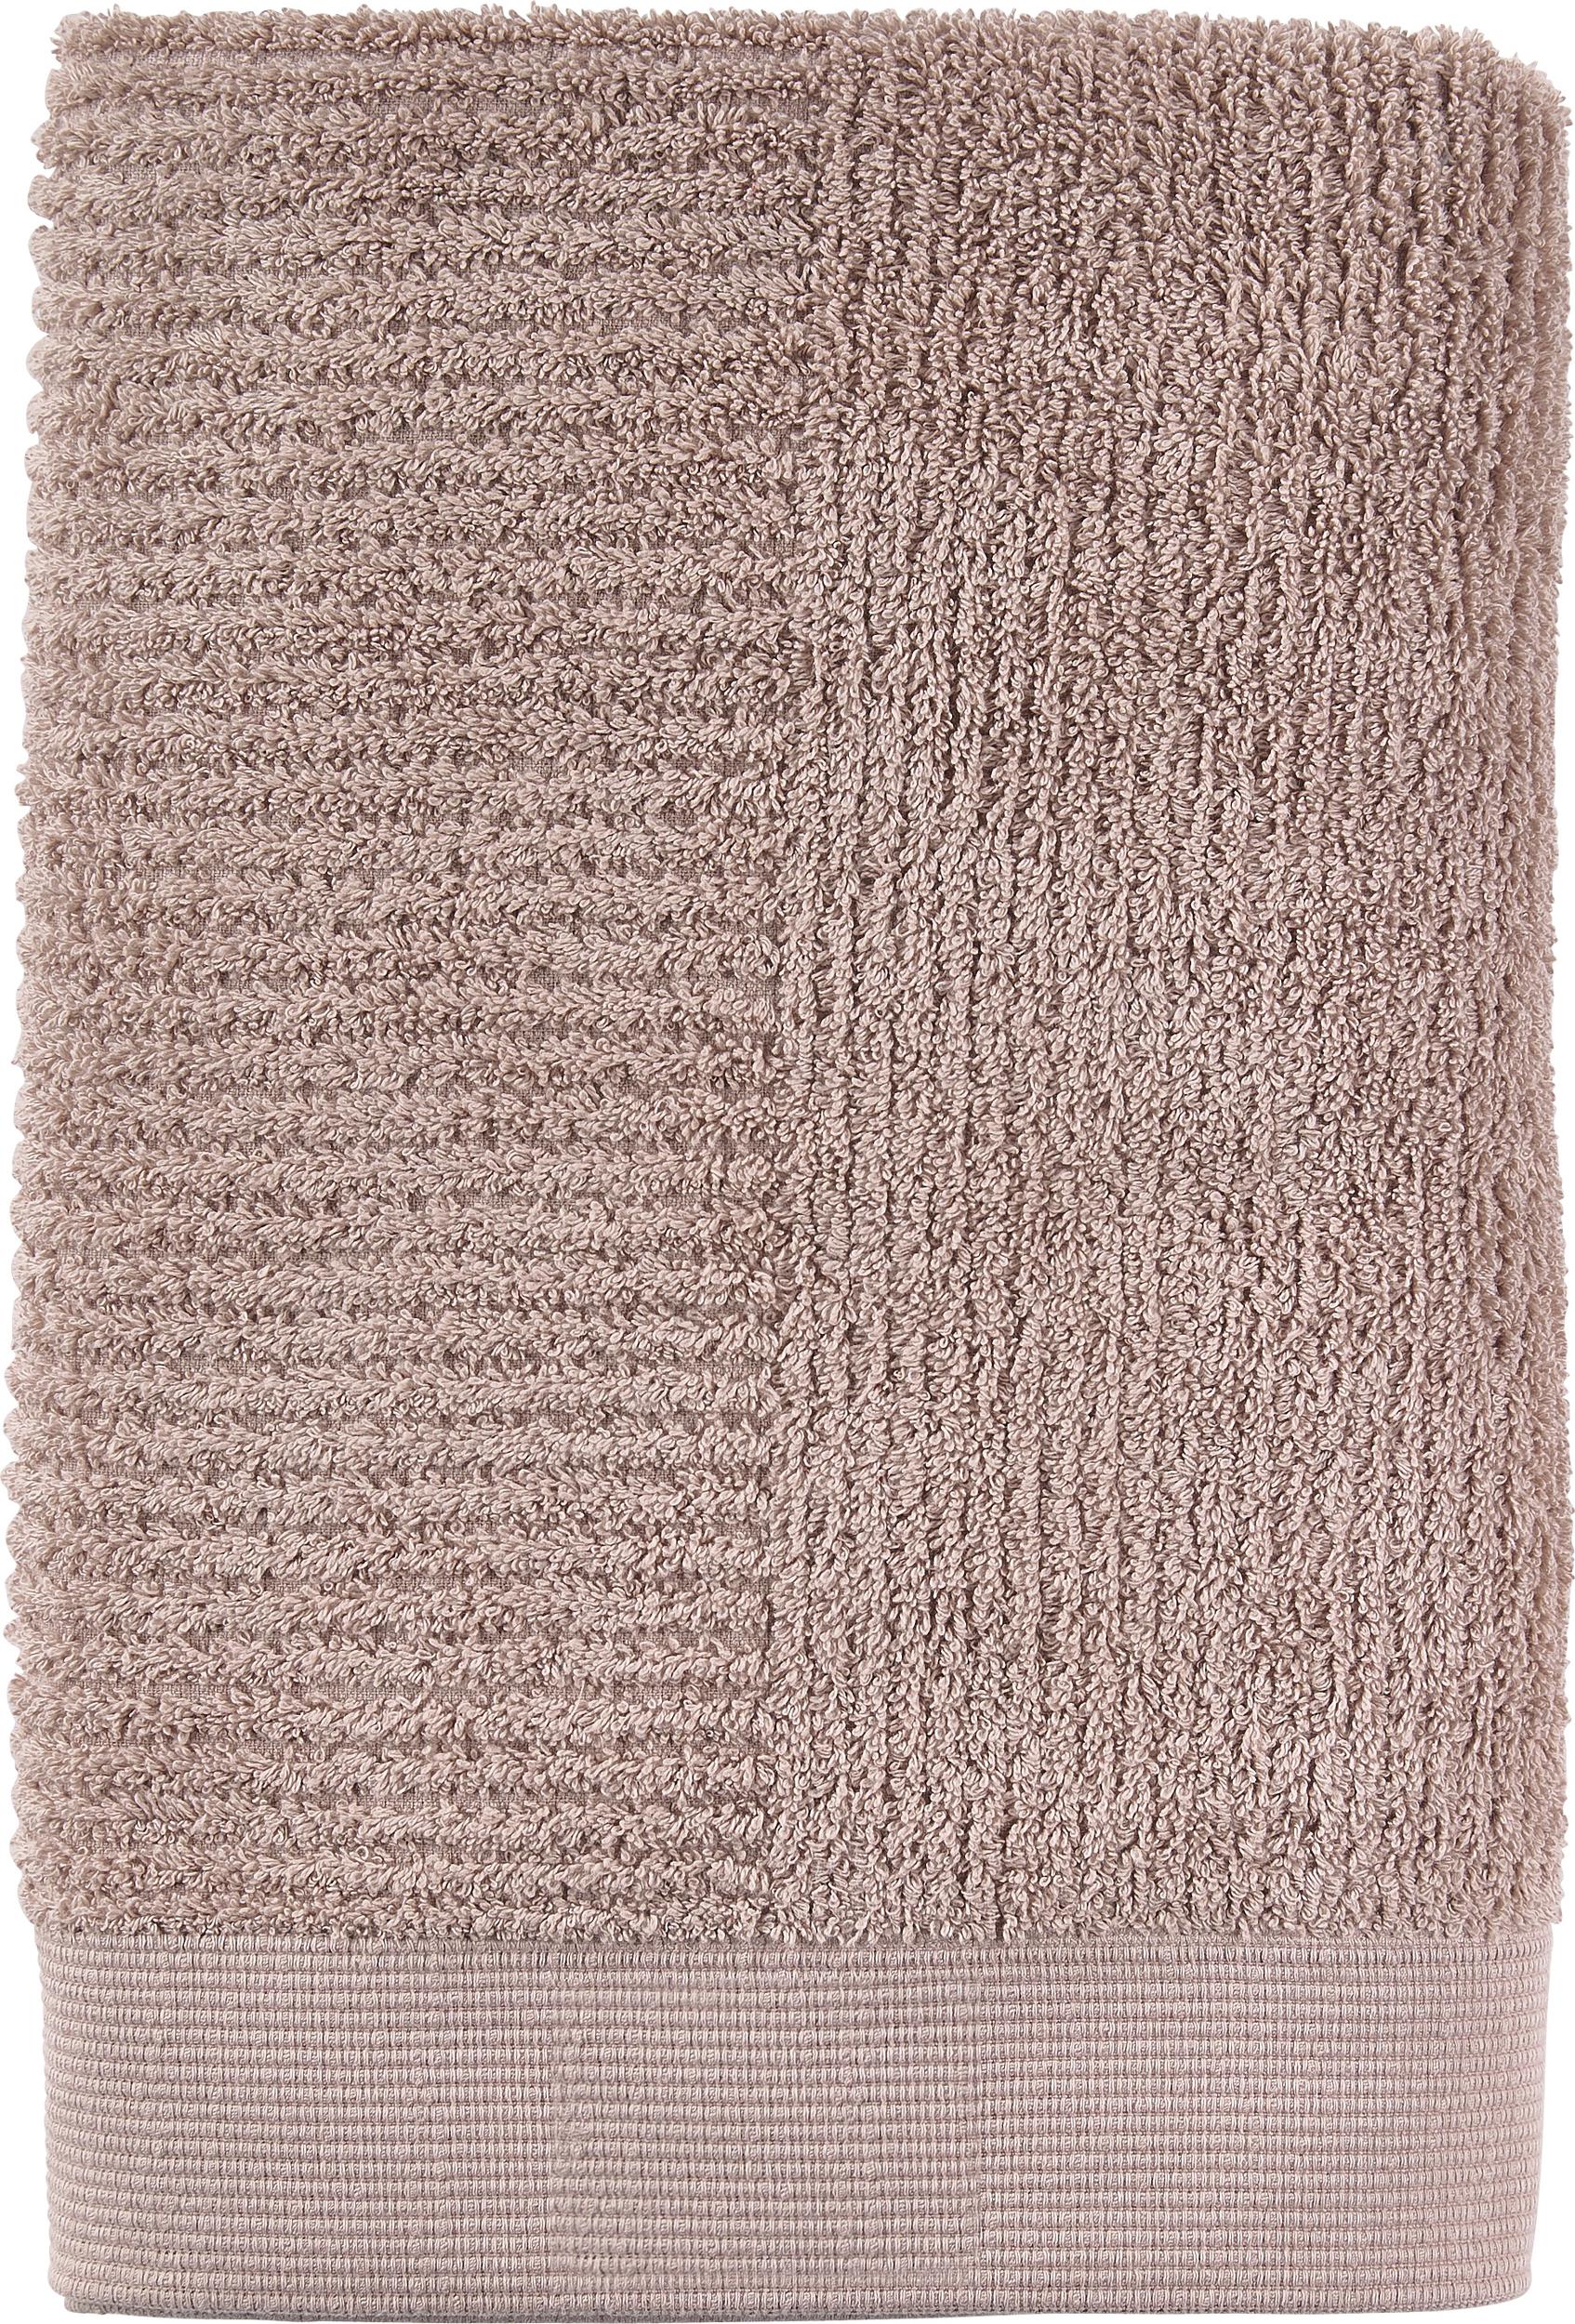 Ręcznik Classic 70 x 140 cm bursztynowy - Zone Denmark